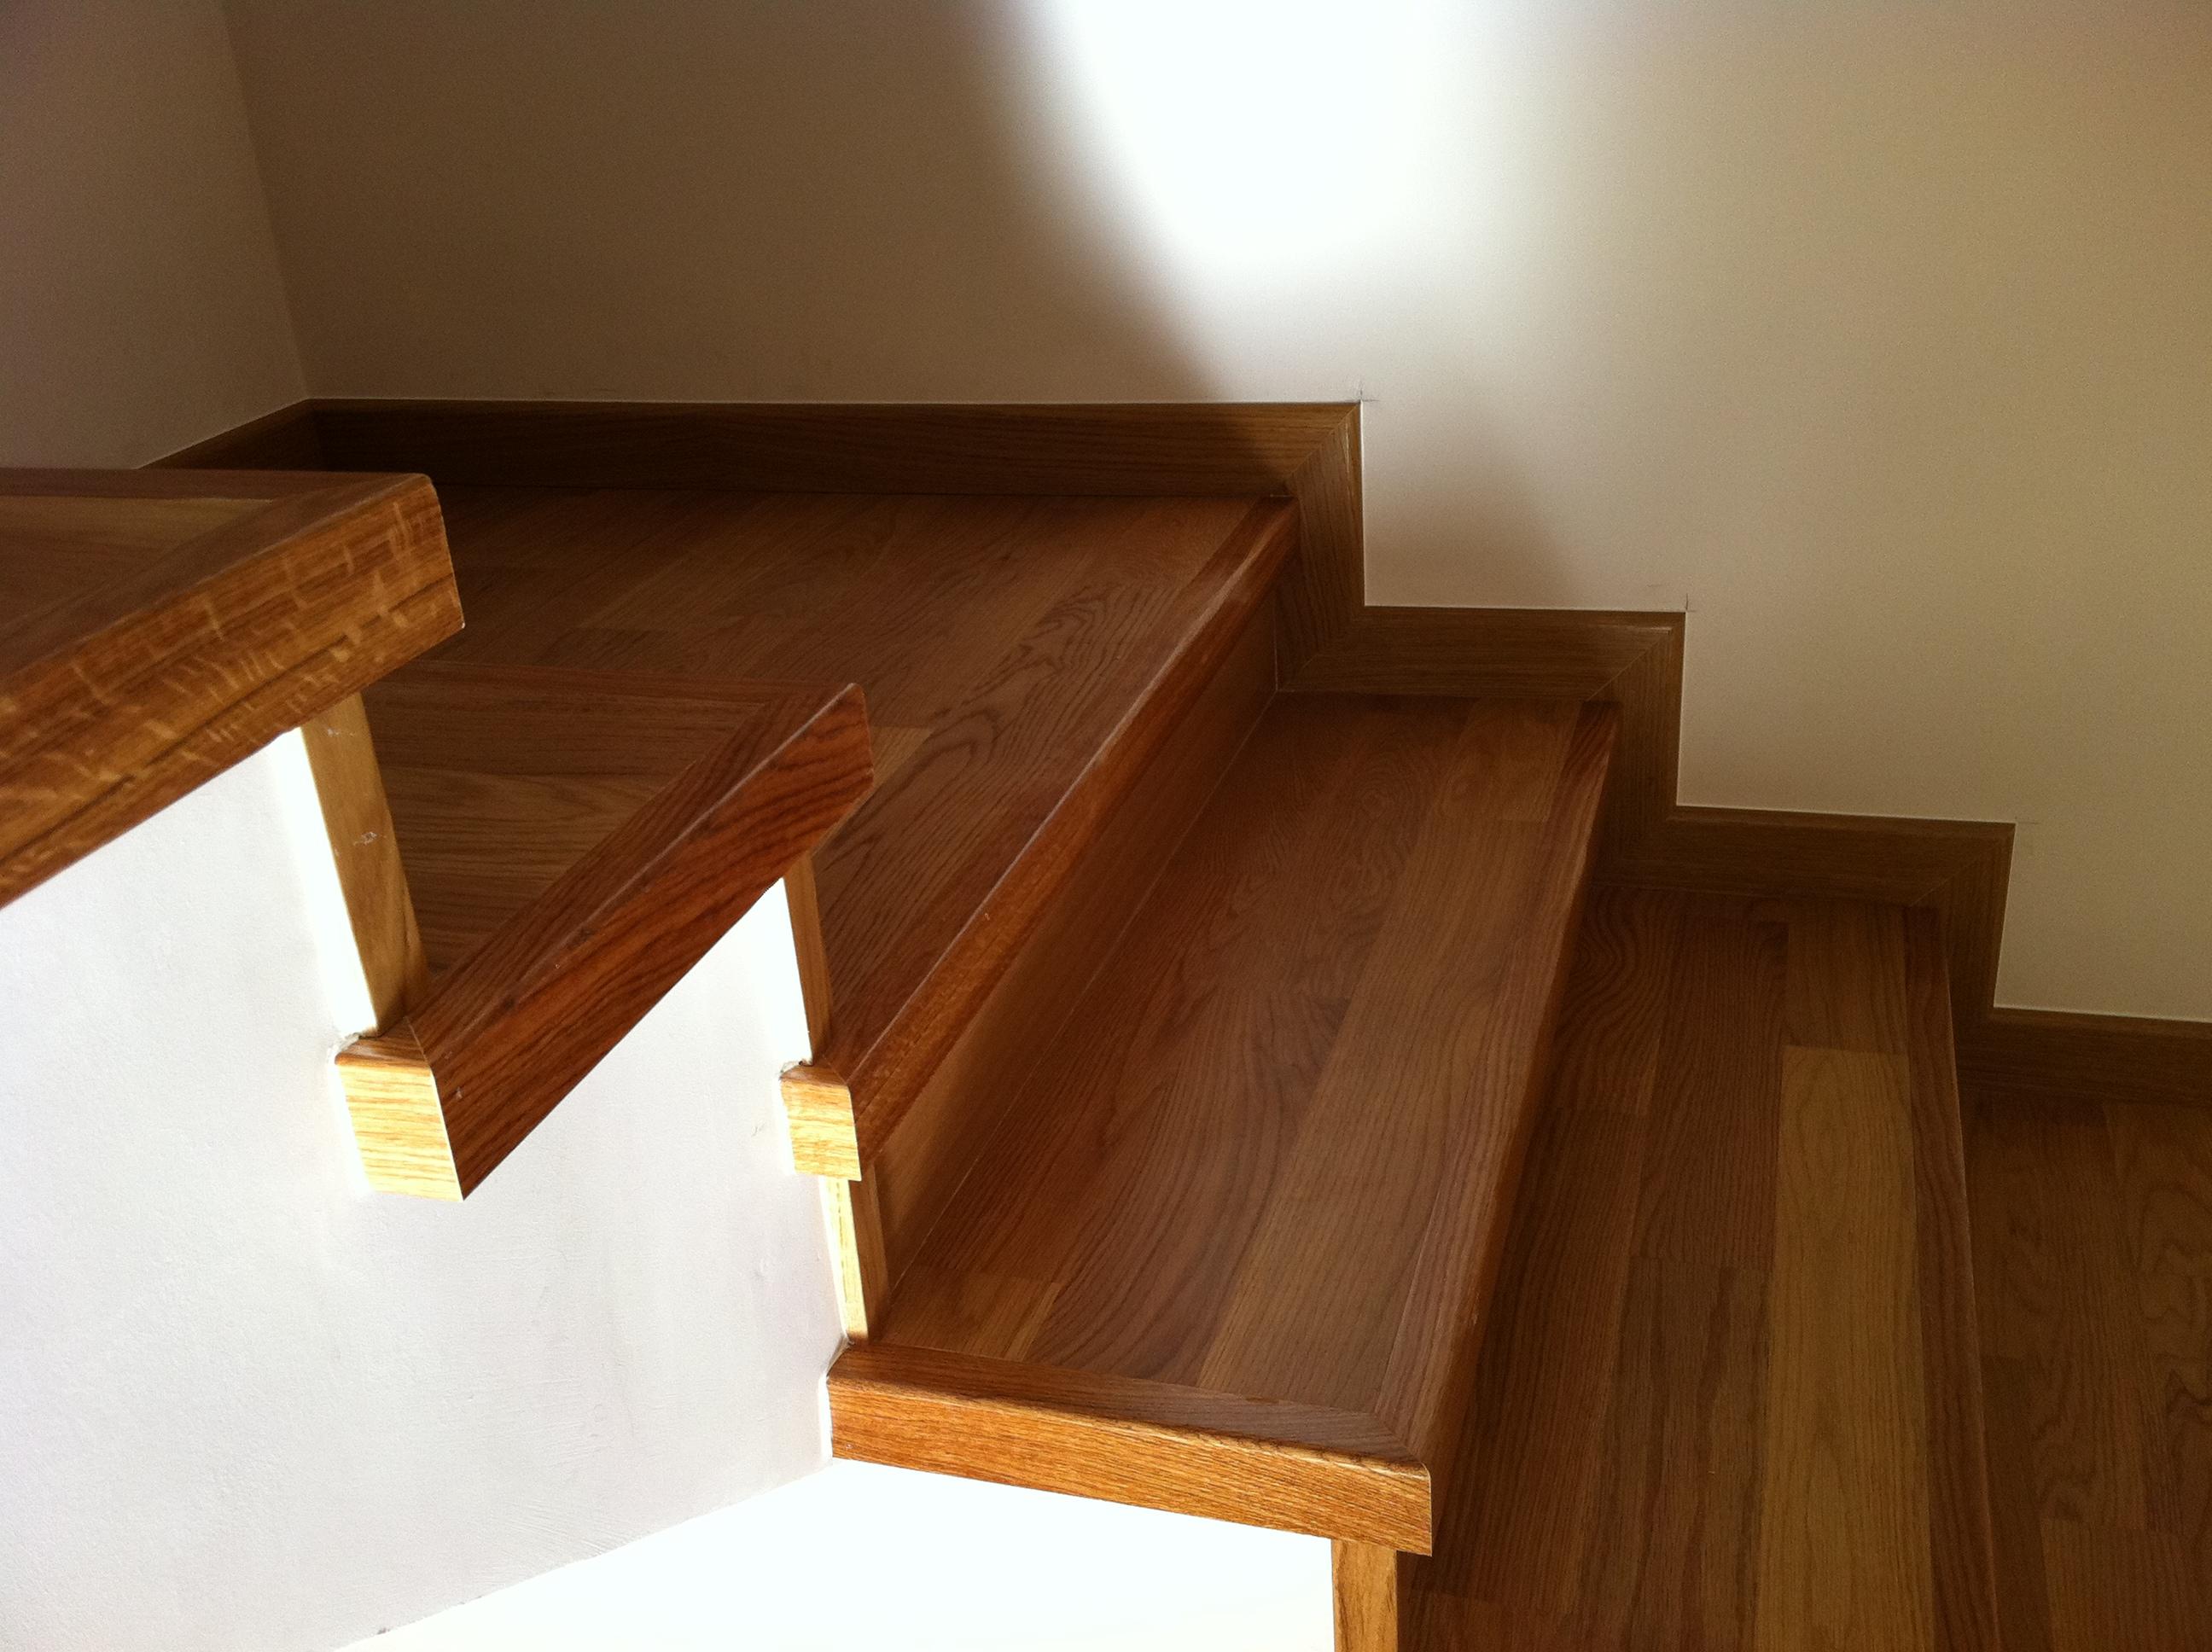 Escaleras y escalones de madera a medida en granada - Empanelados de madera ...